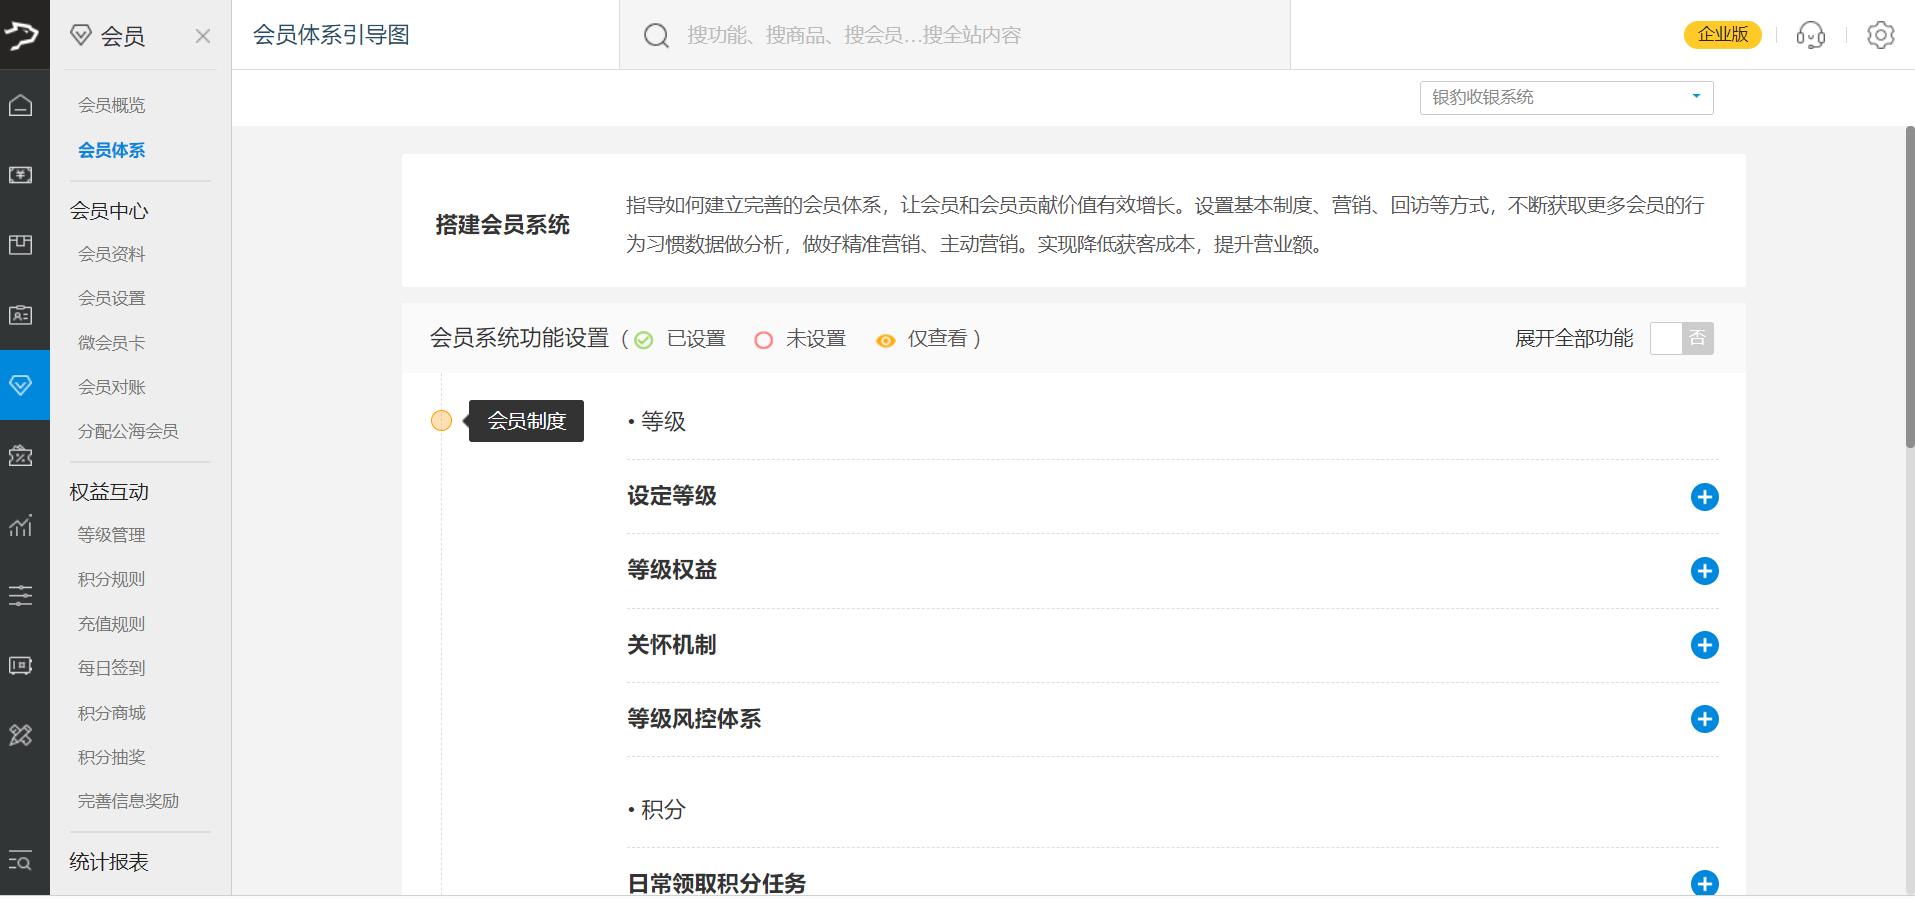 小程序会员中心页面装修-银豹博客